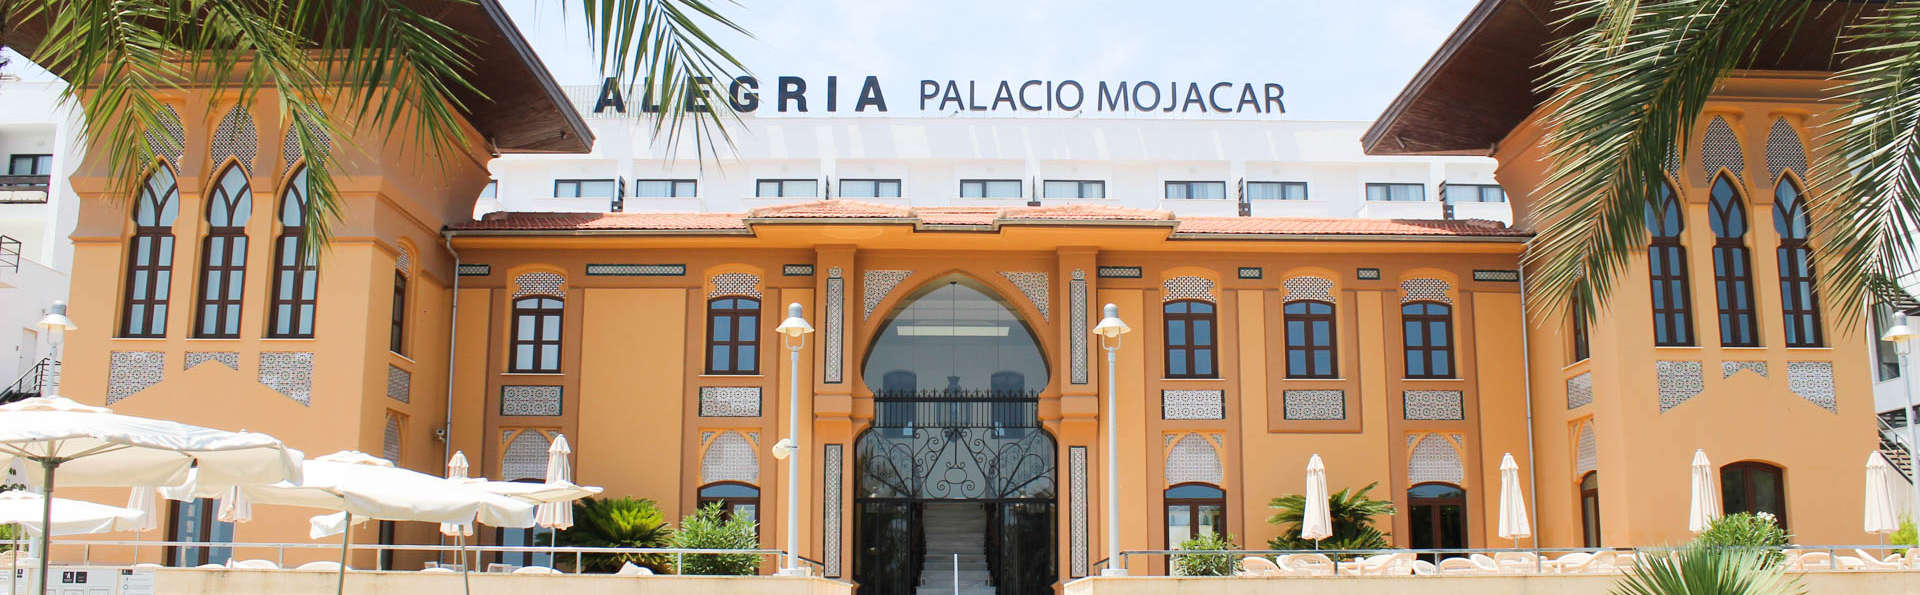 Alegría Palacio Mojácar - EDIT_FRONT3.jpg